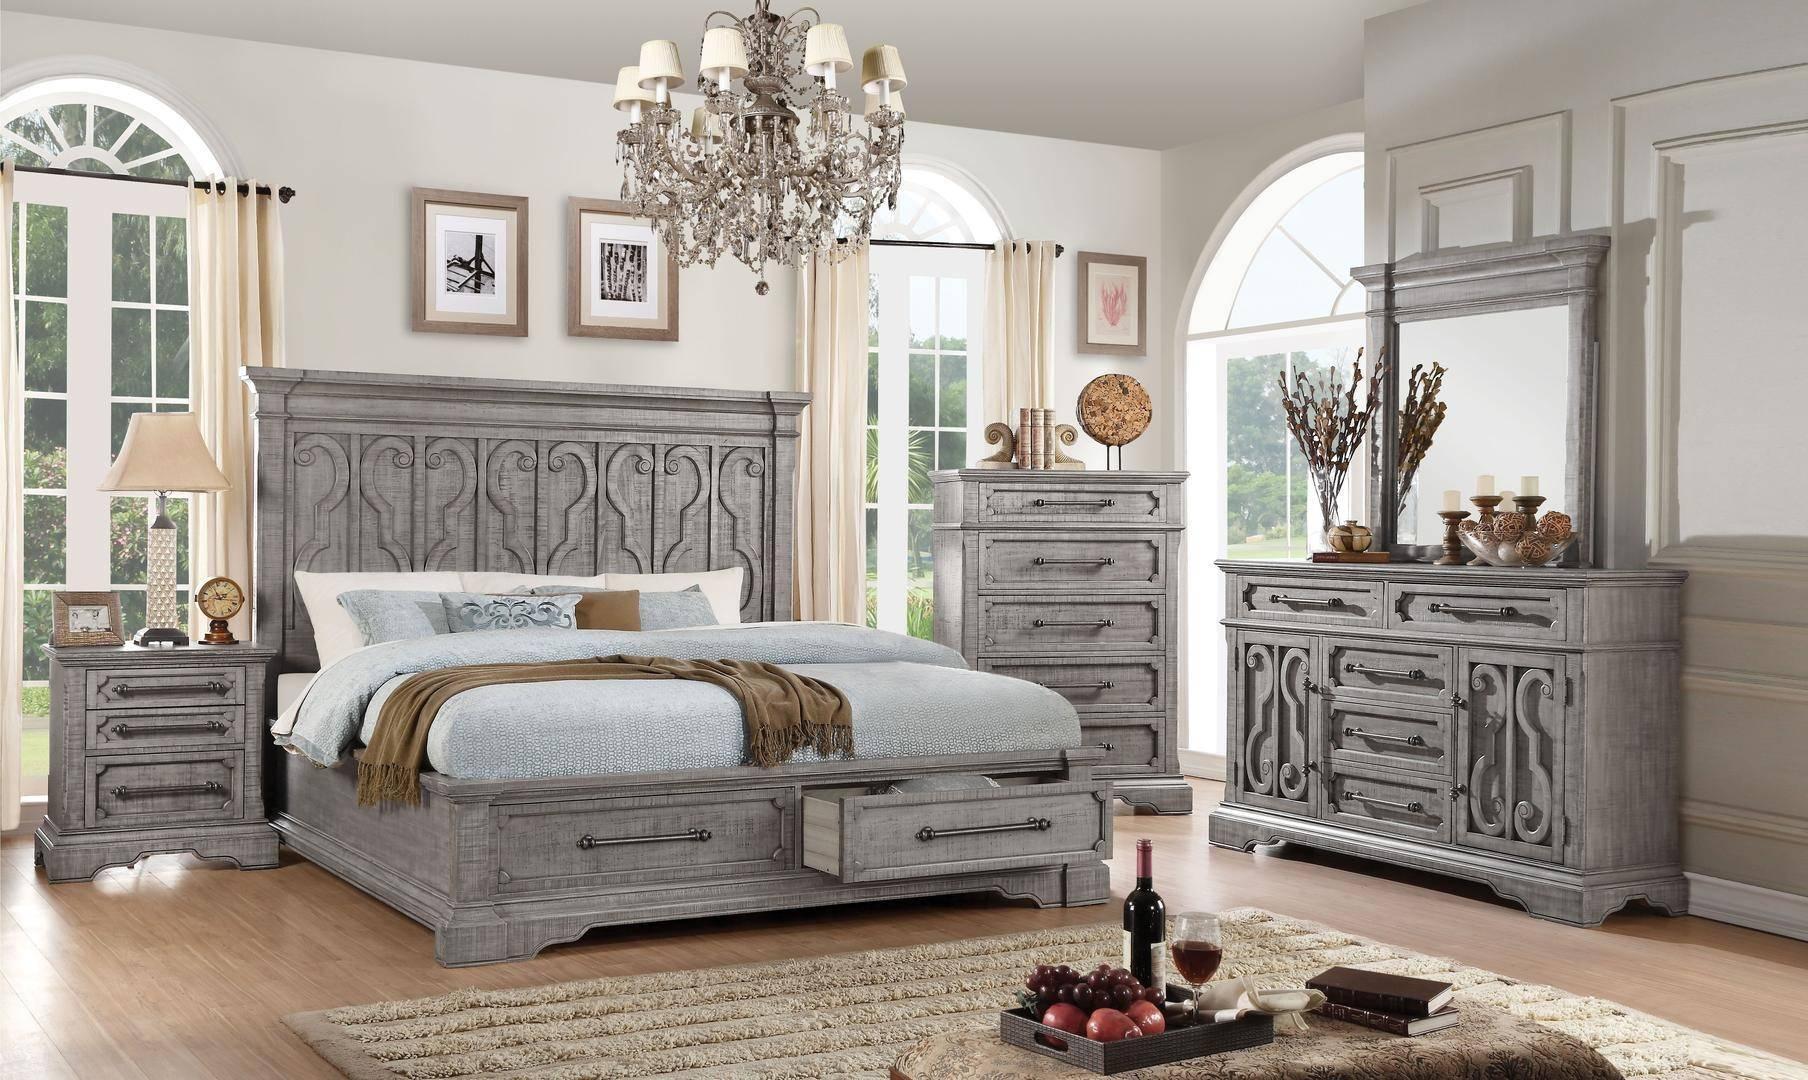 Buy Acme Artesia Queen Storage Bedroom Set 5 Pcs In Natural Wood Wood Wood Veneers Online